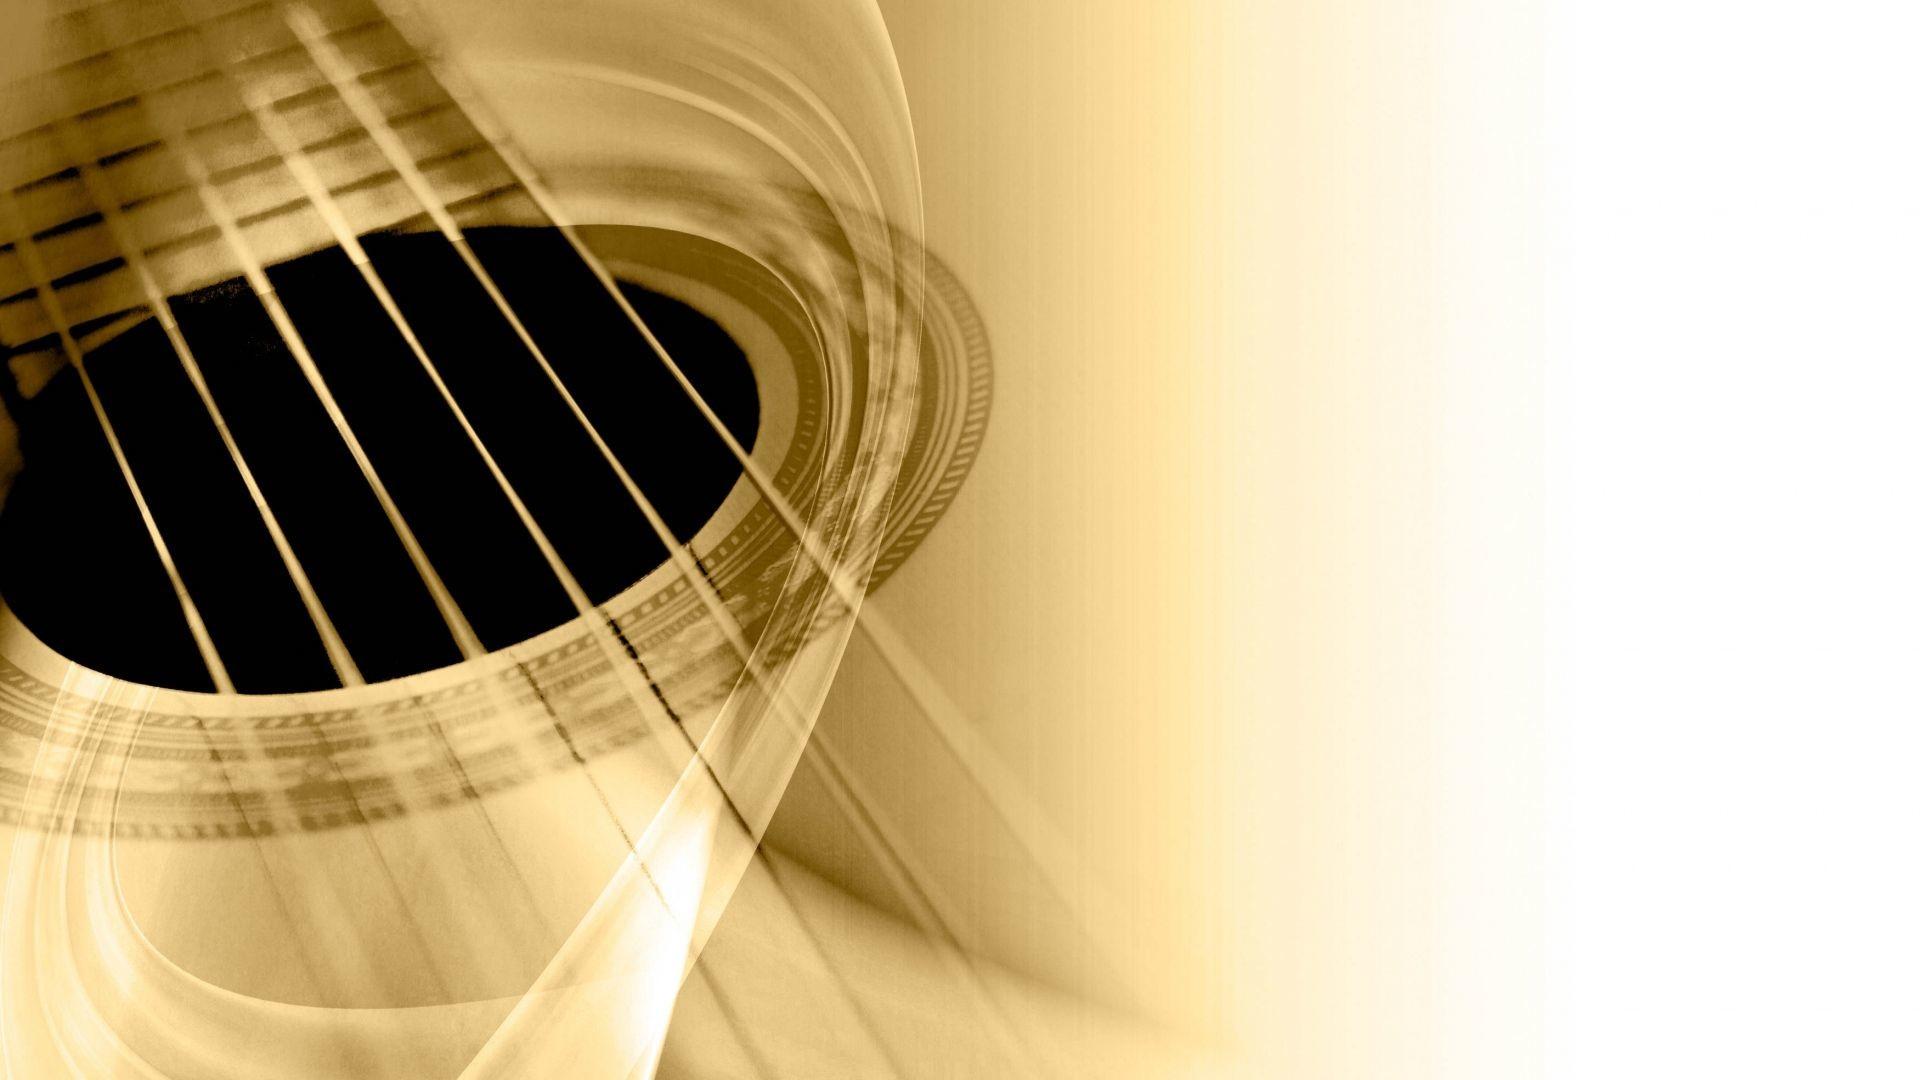 guitar art wallpaper 68679